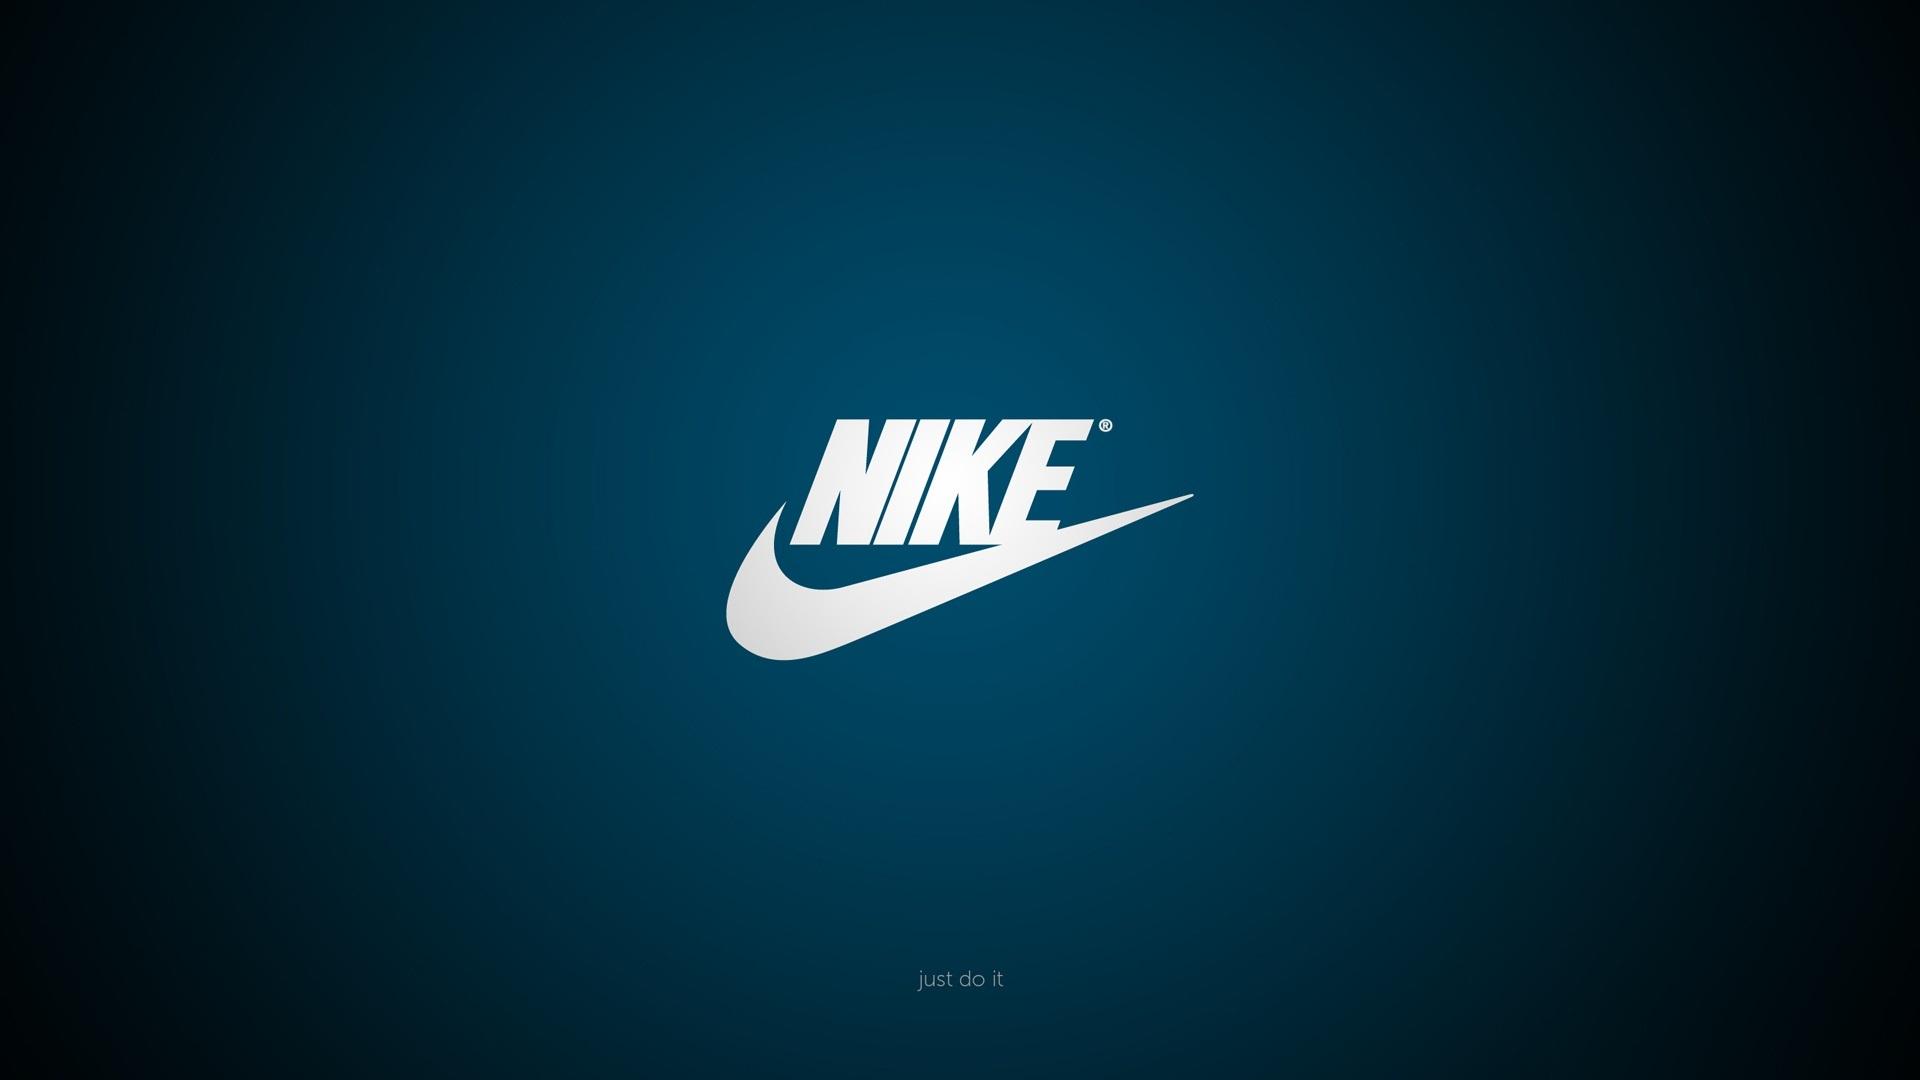 Nike Wallpaper 1920x1080